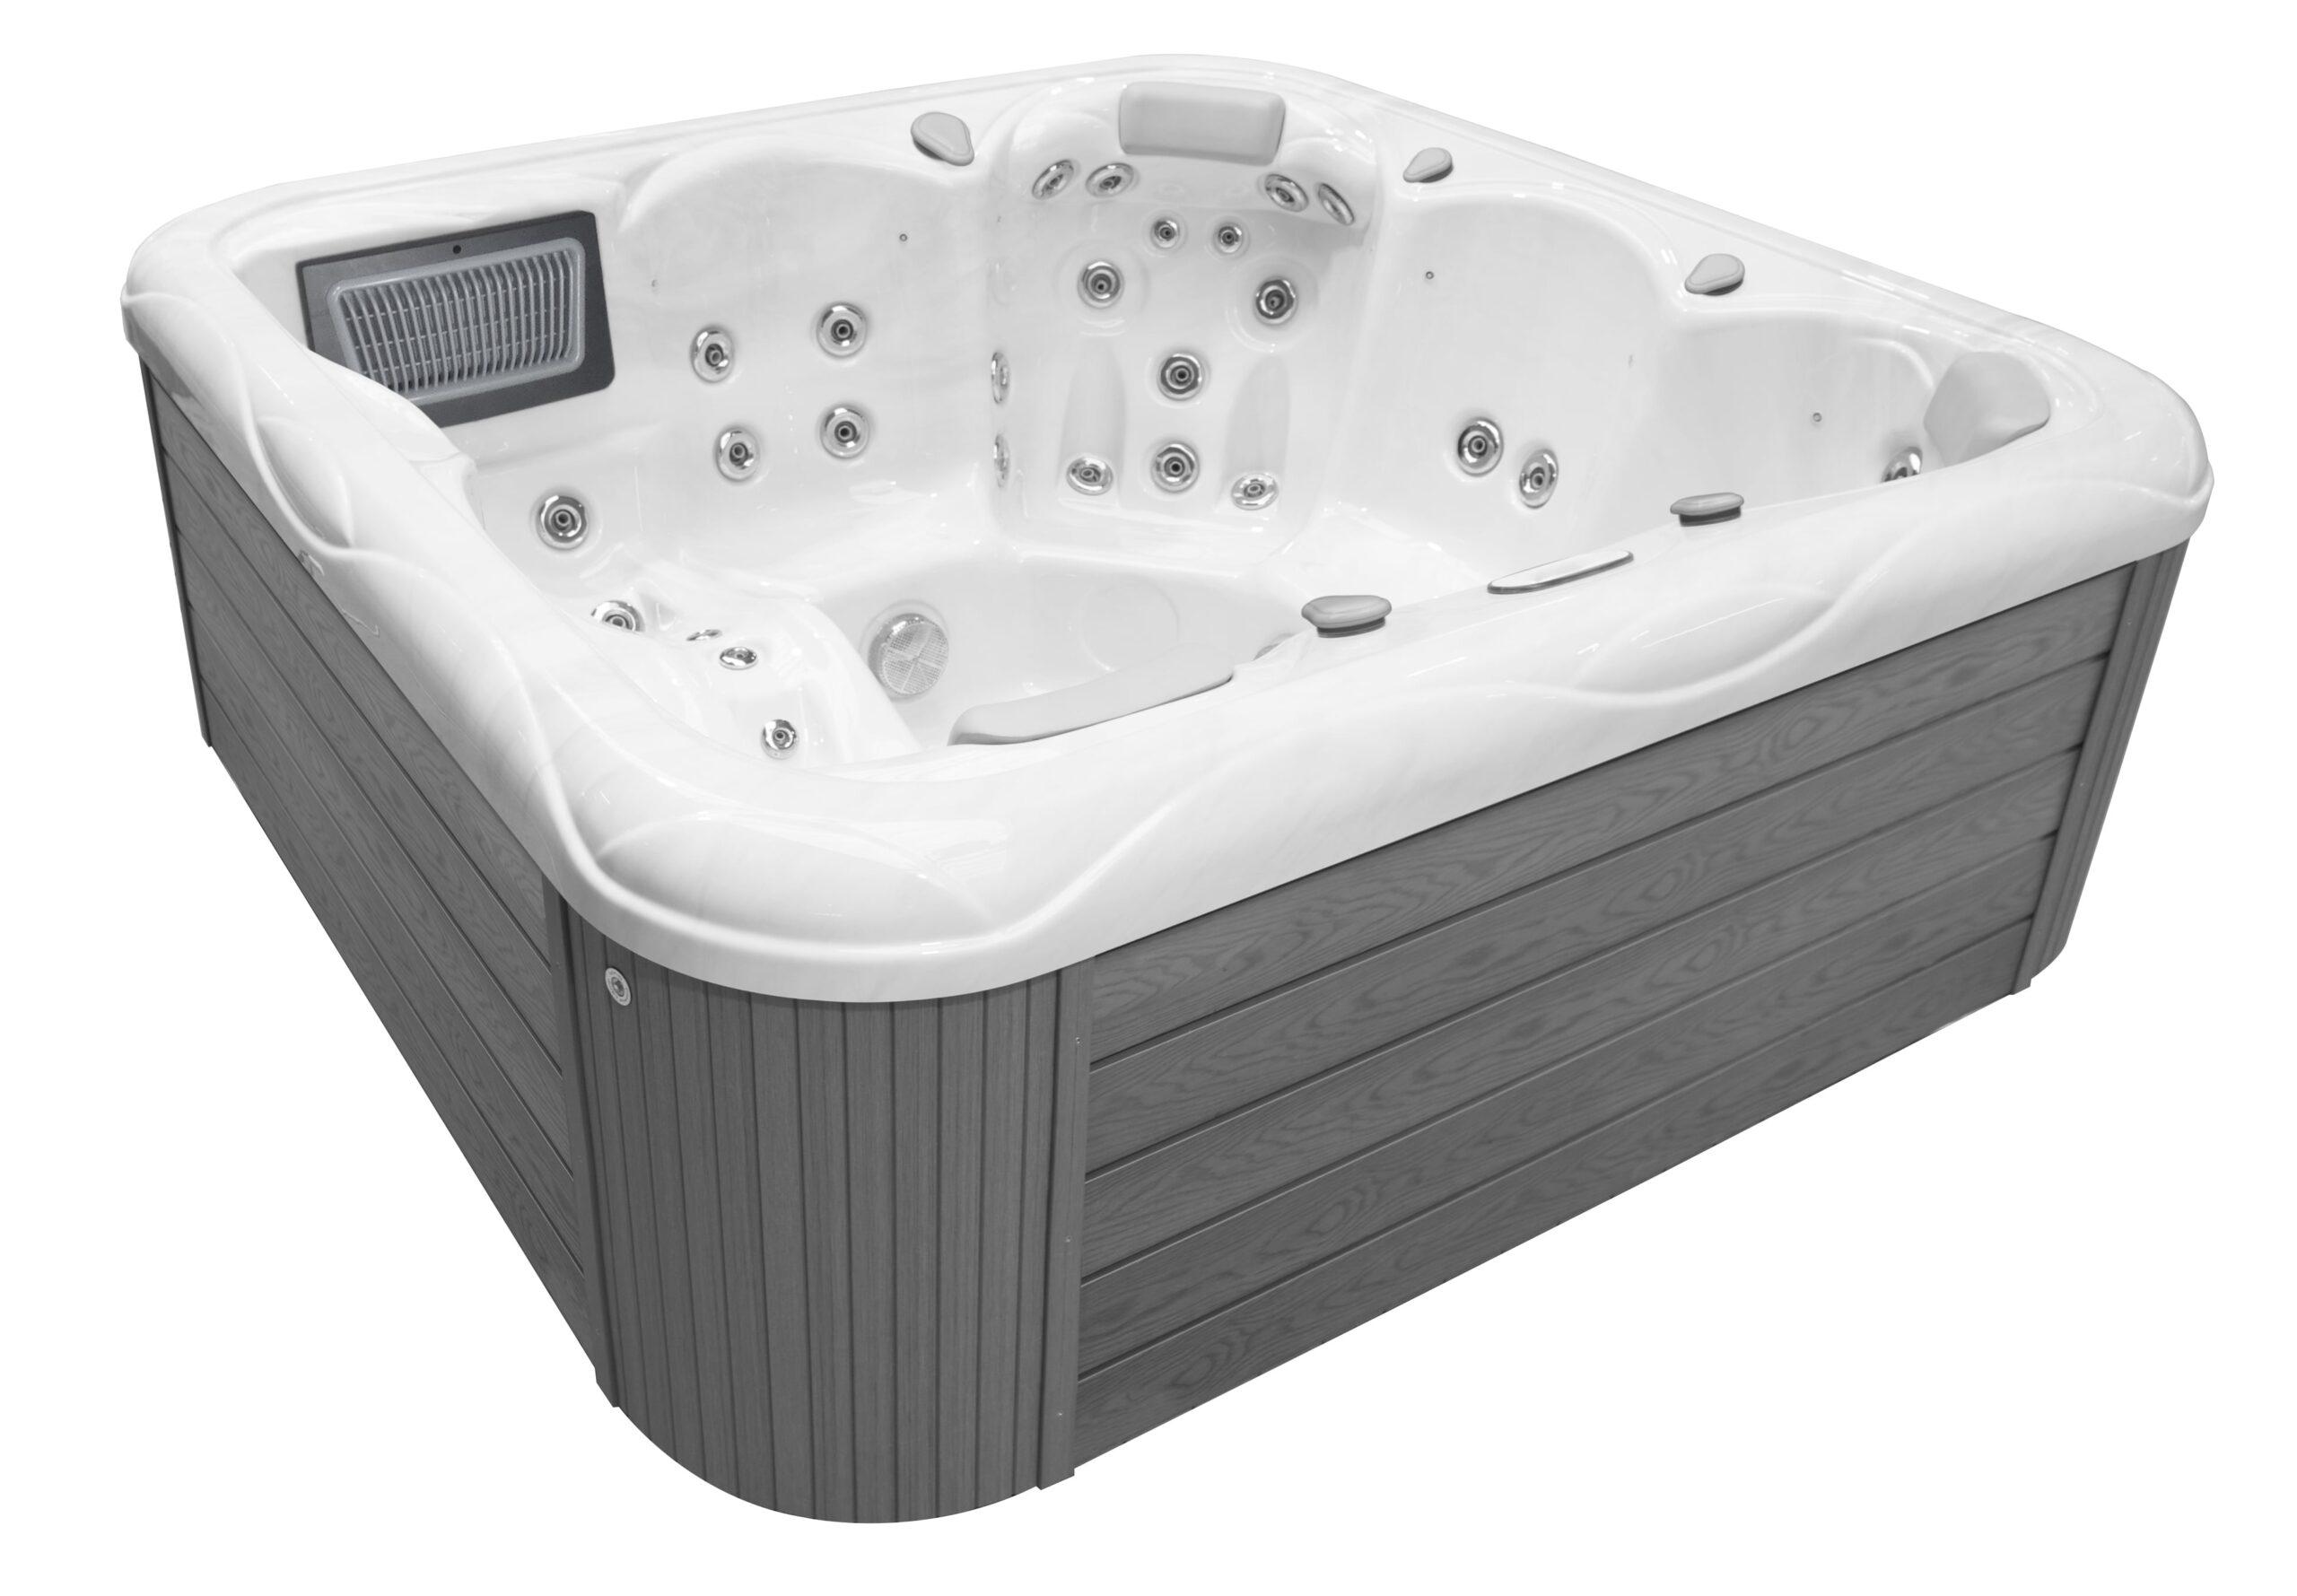 Luxury Large hot tub